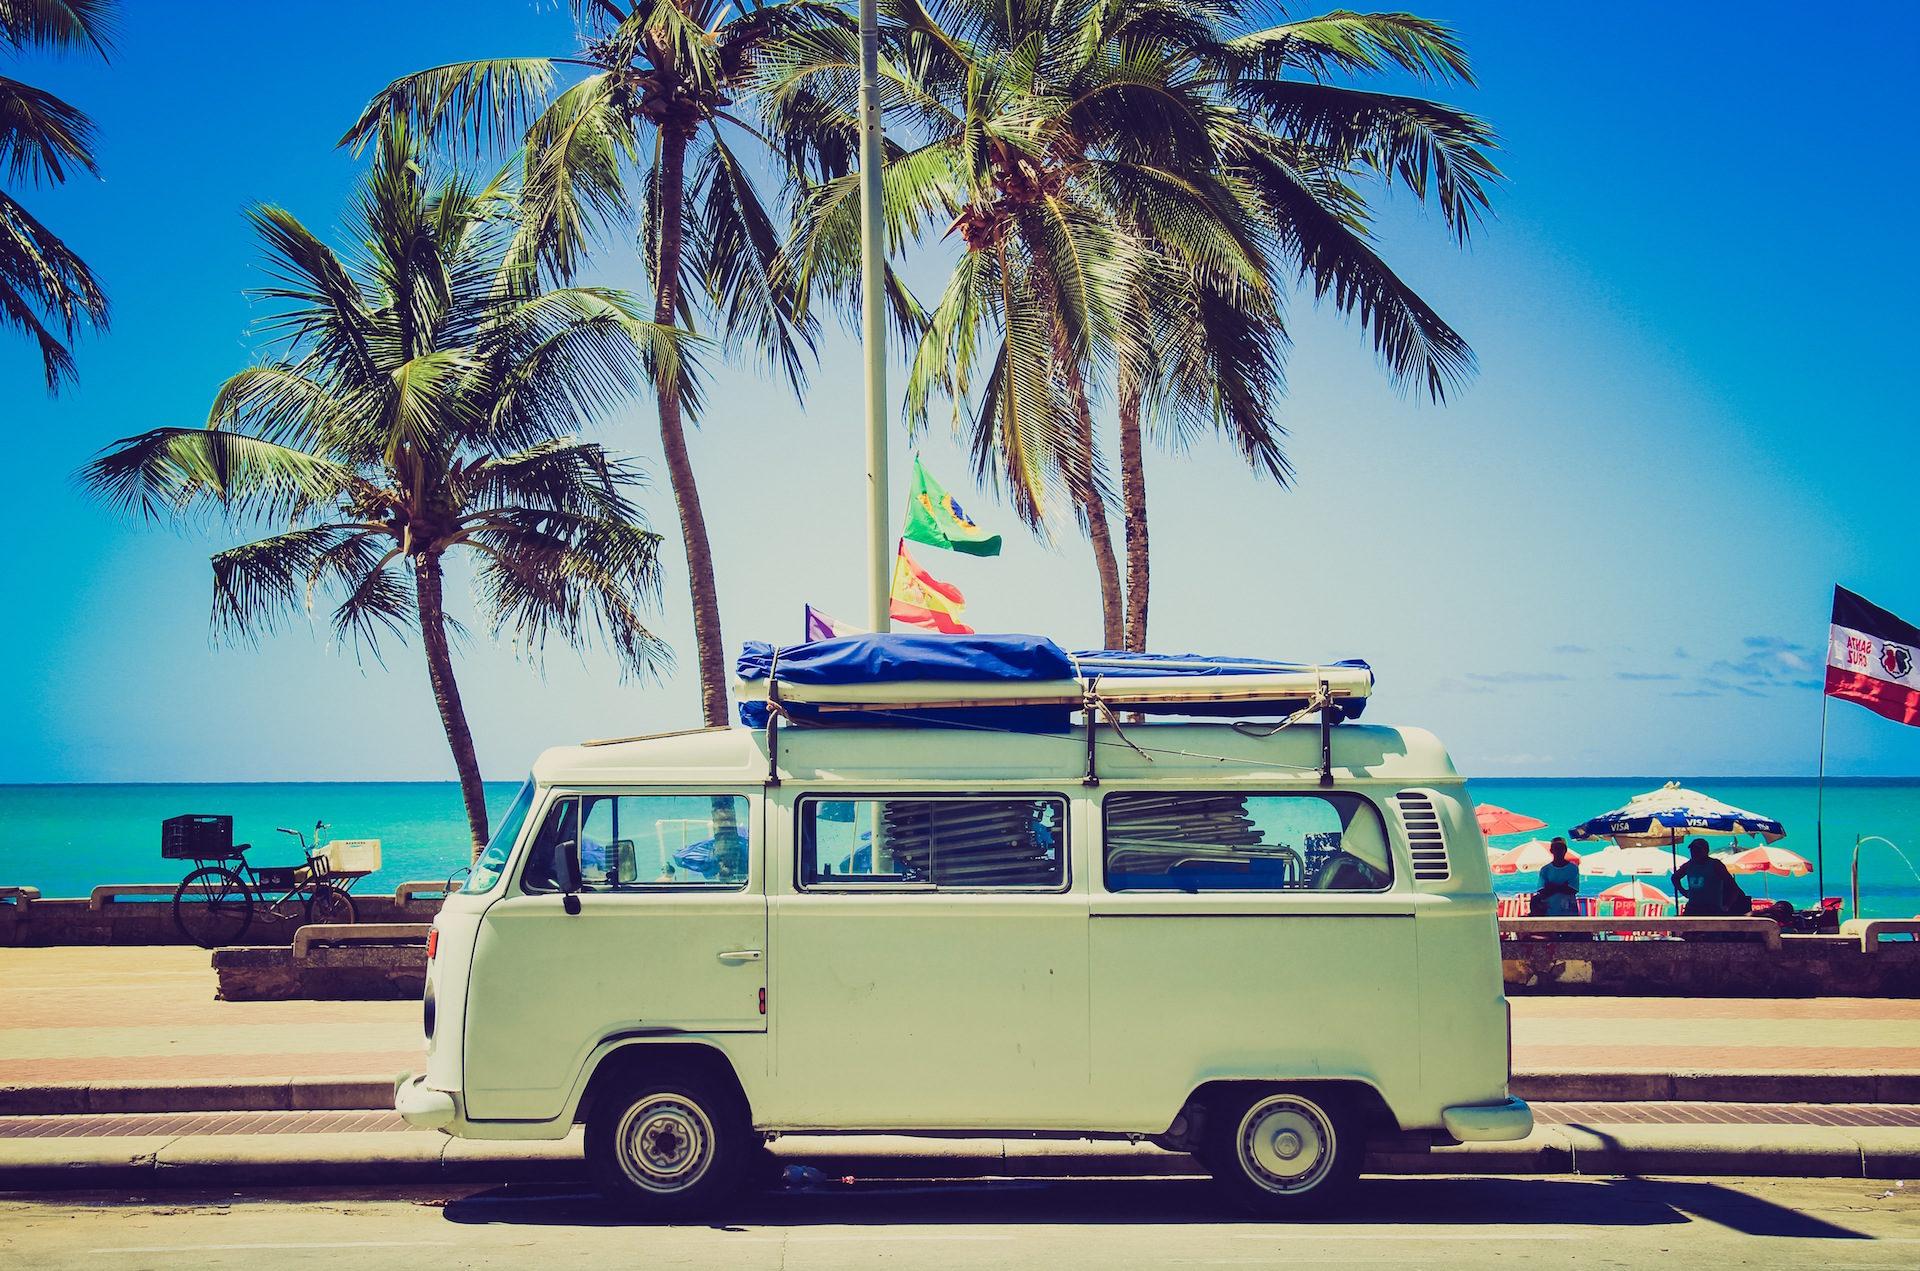 Пляж, Ван, Пальмы, Флаги, Небо - Обои HD - Профессор falken.com